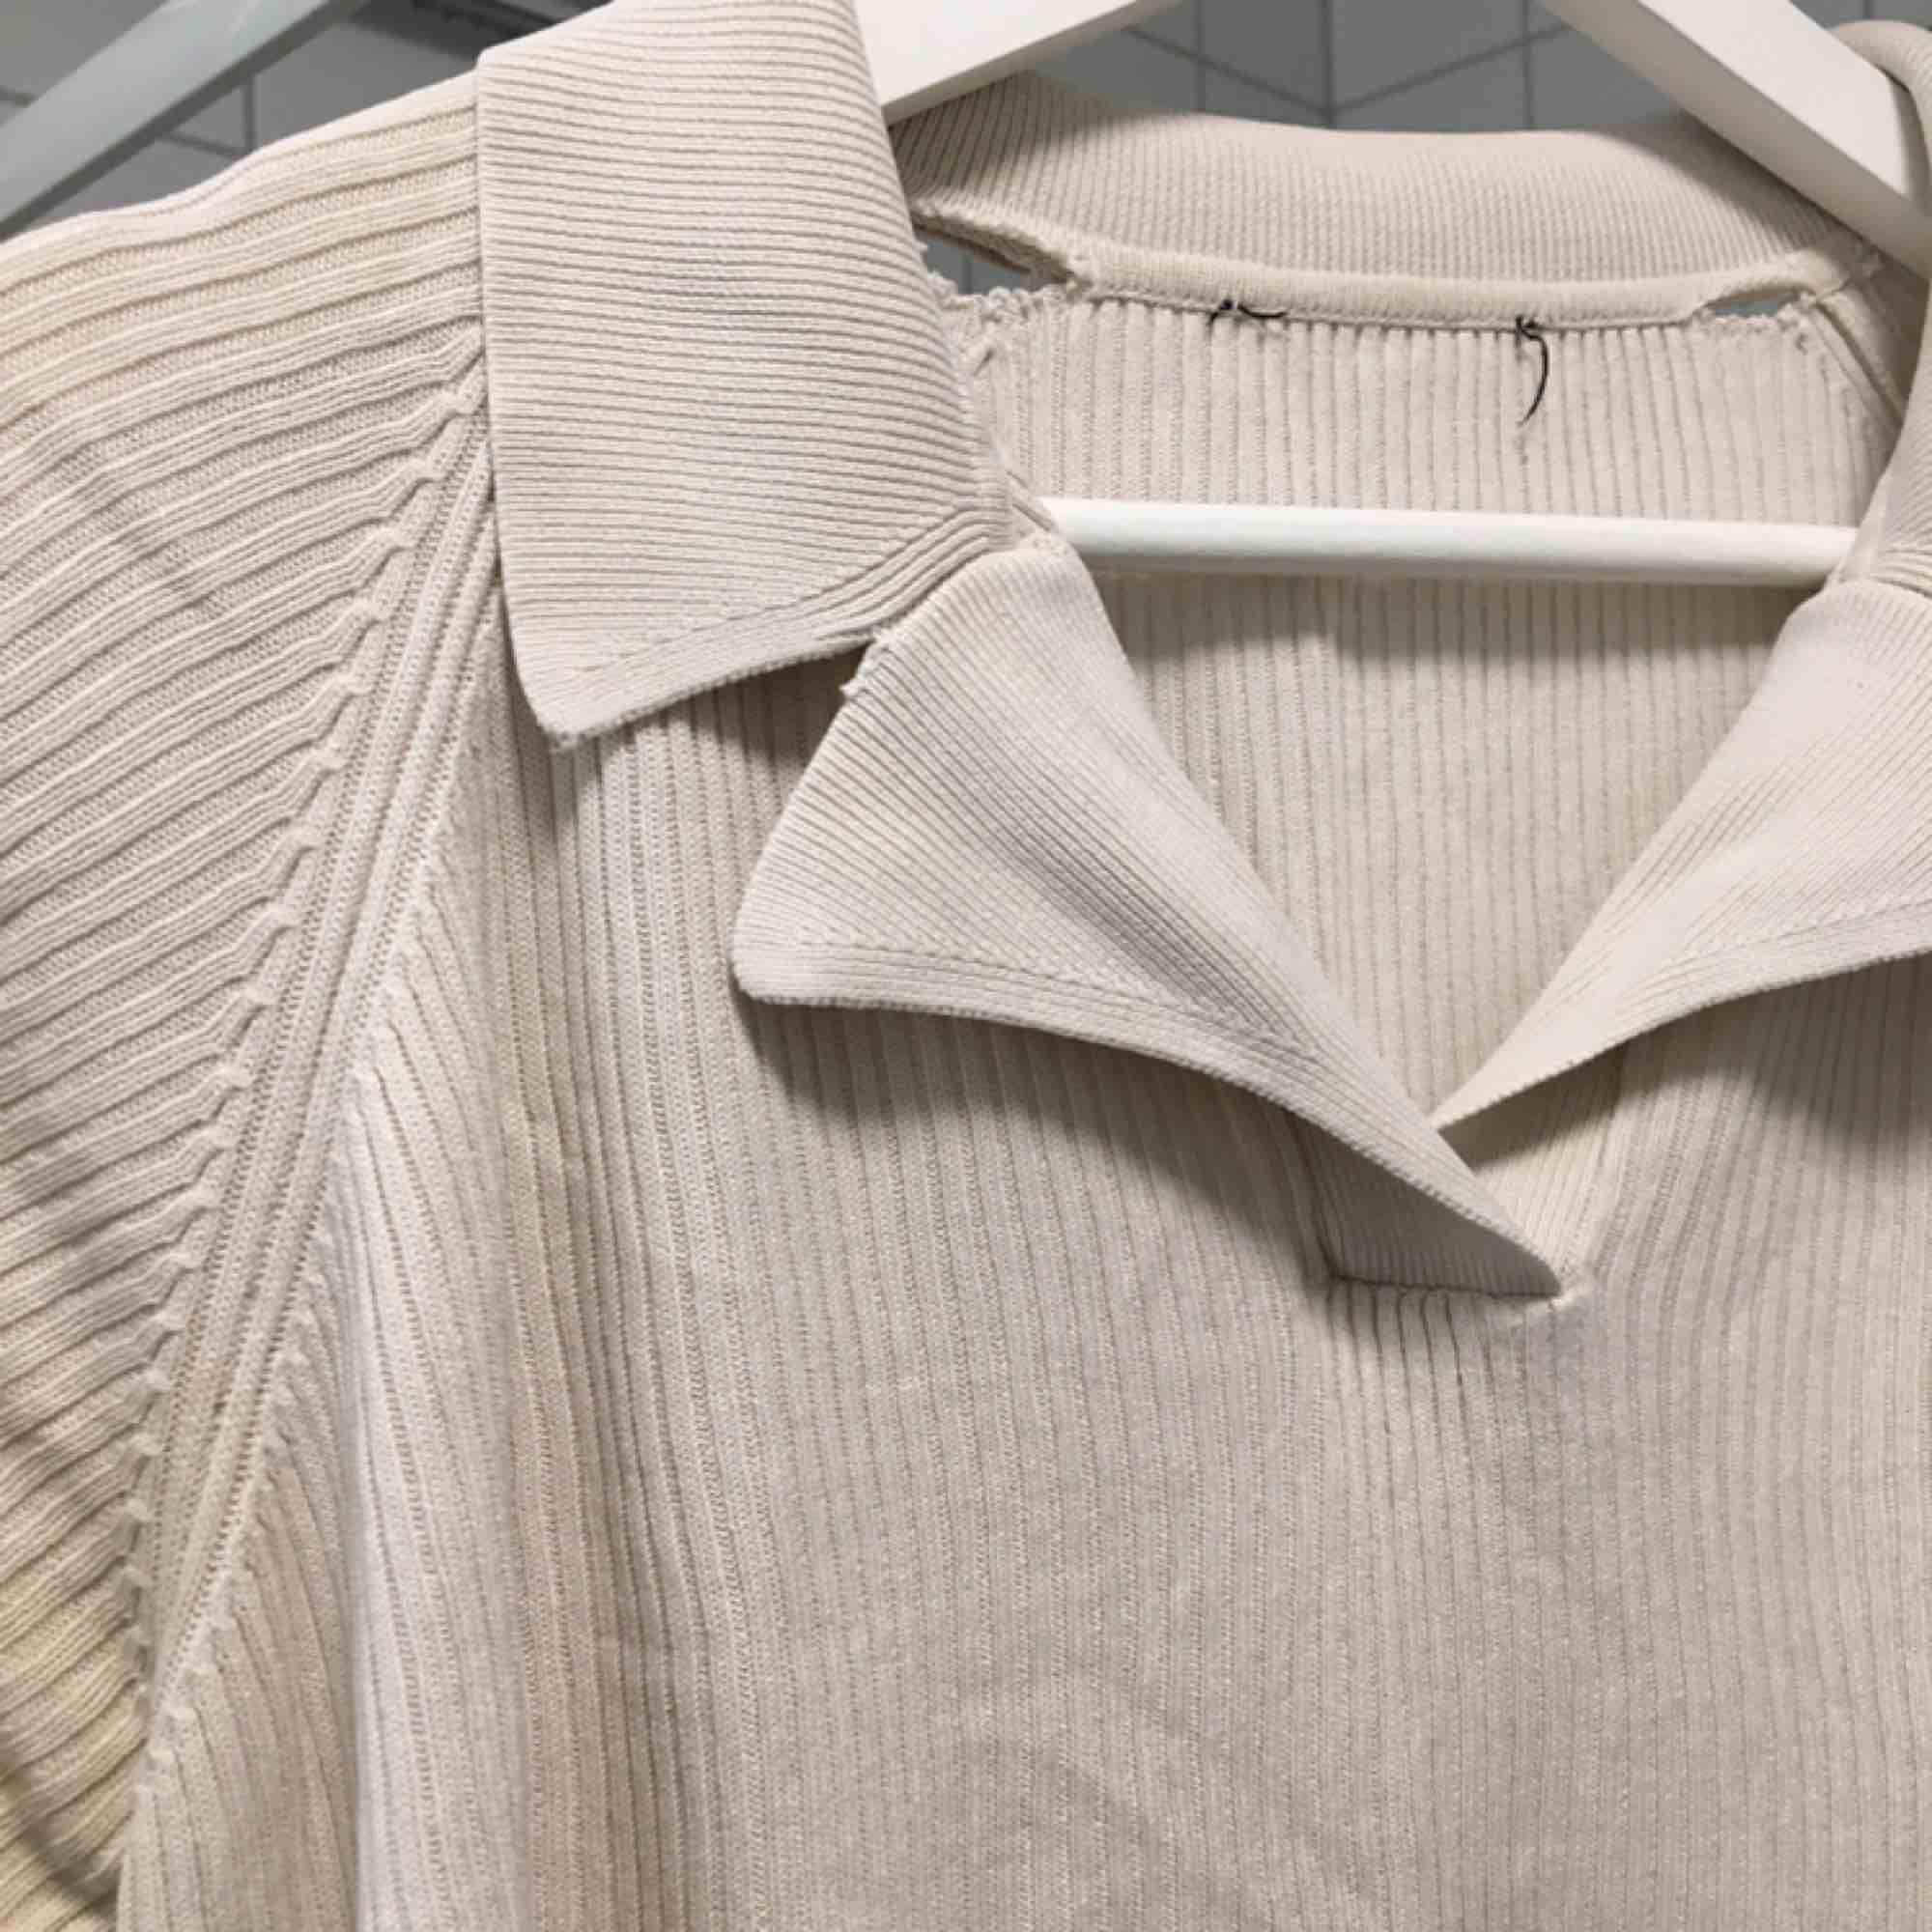 Gräddvit topp i 100% silke. Två små hål i nacken. (se bild 3) (っ◔◡◔)っ MÅTT: Byst: 55cm Längd: 53cm. Toppar.